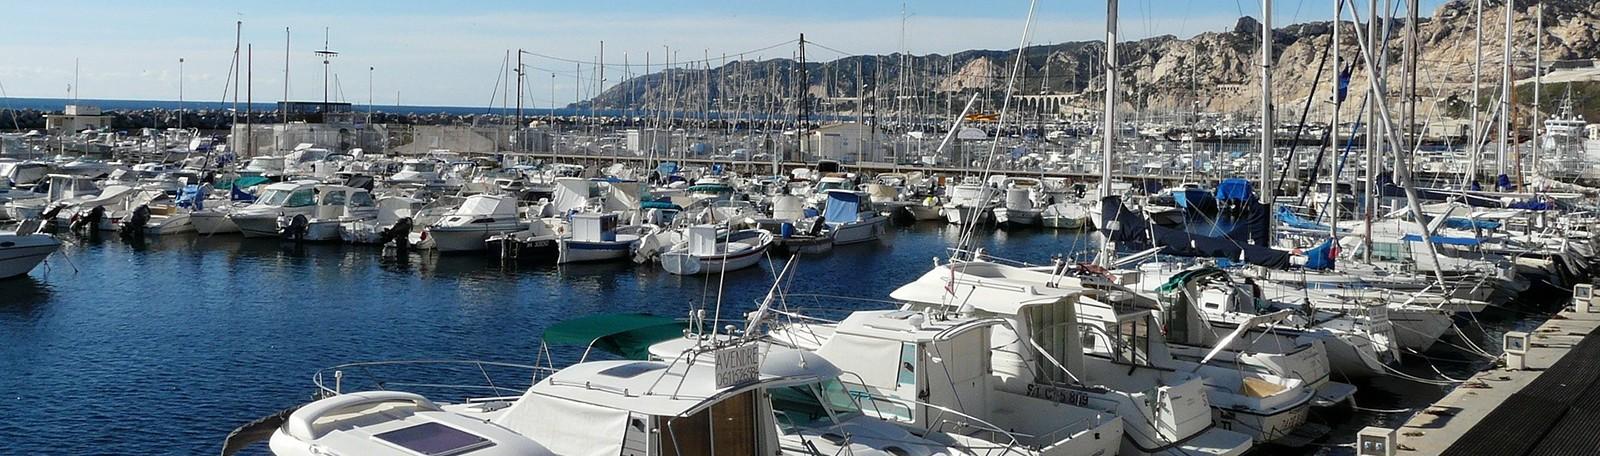 Car park centre ville vieux port park in marseille q park - Parking marseille vieux port ...